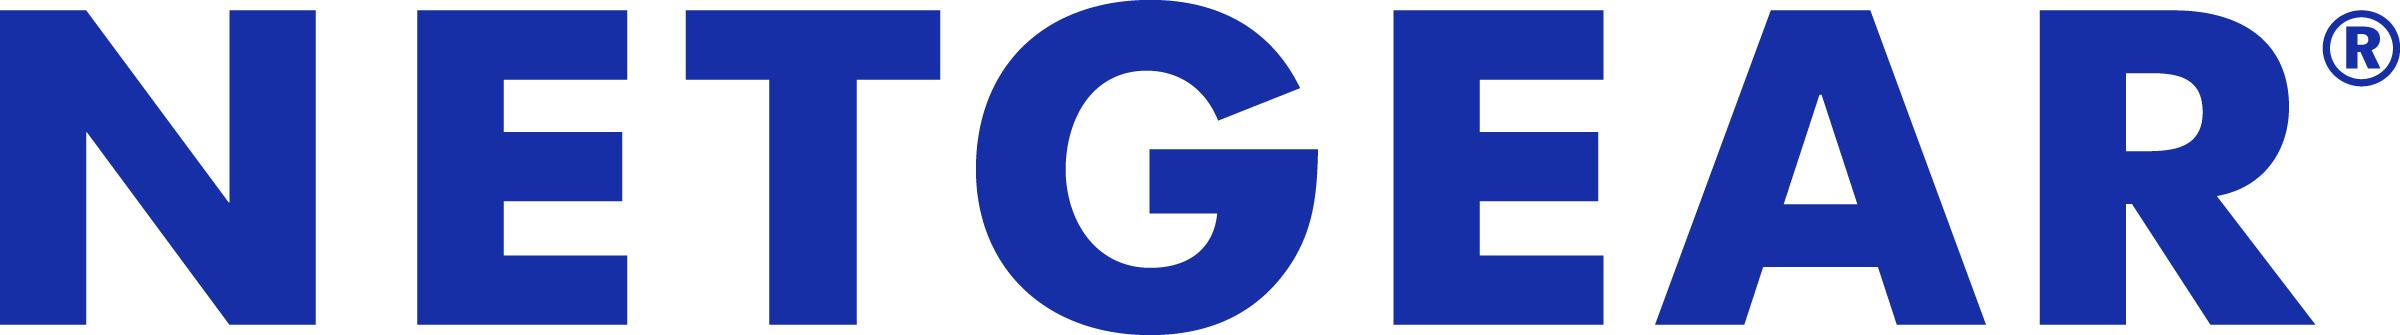 Telematica Torino è partner ufficiale di Netgear